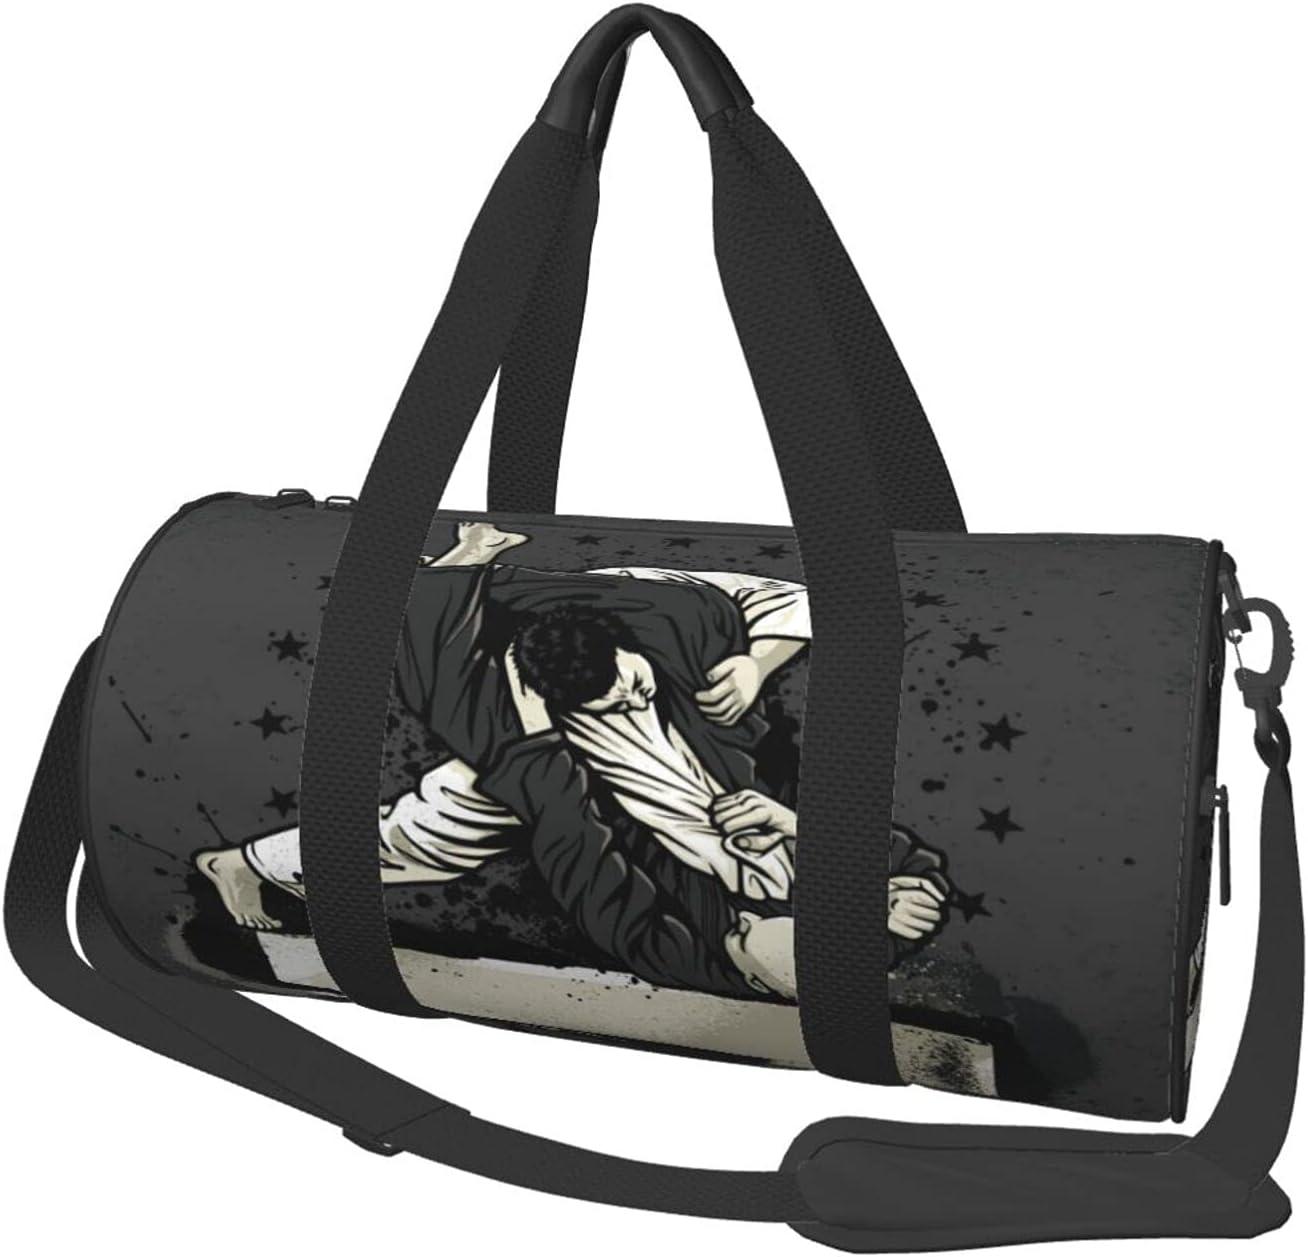 ZXZNC Brazilian Max 63% OFF Jiu-Jitsu Warrior Gym Duffel Women Free Shipping New T Bag For Men